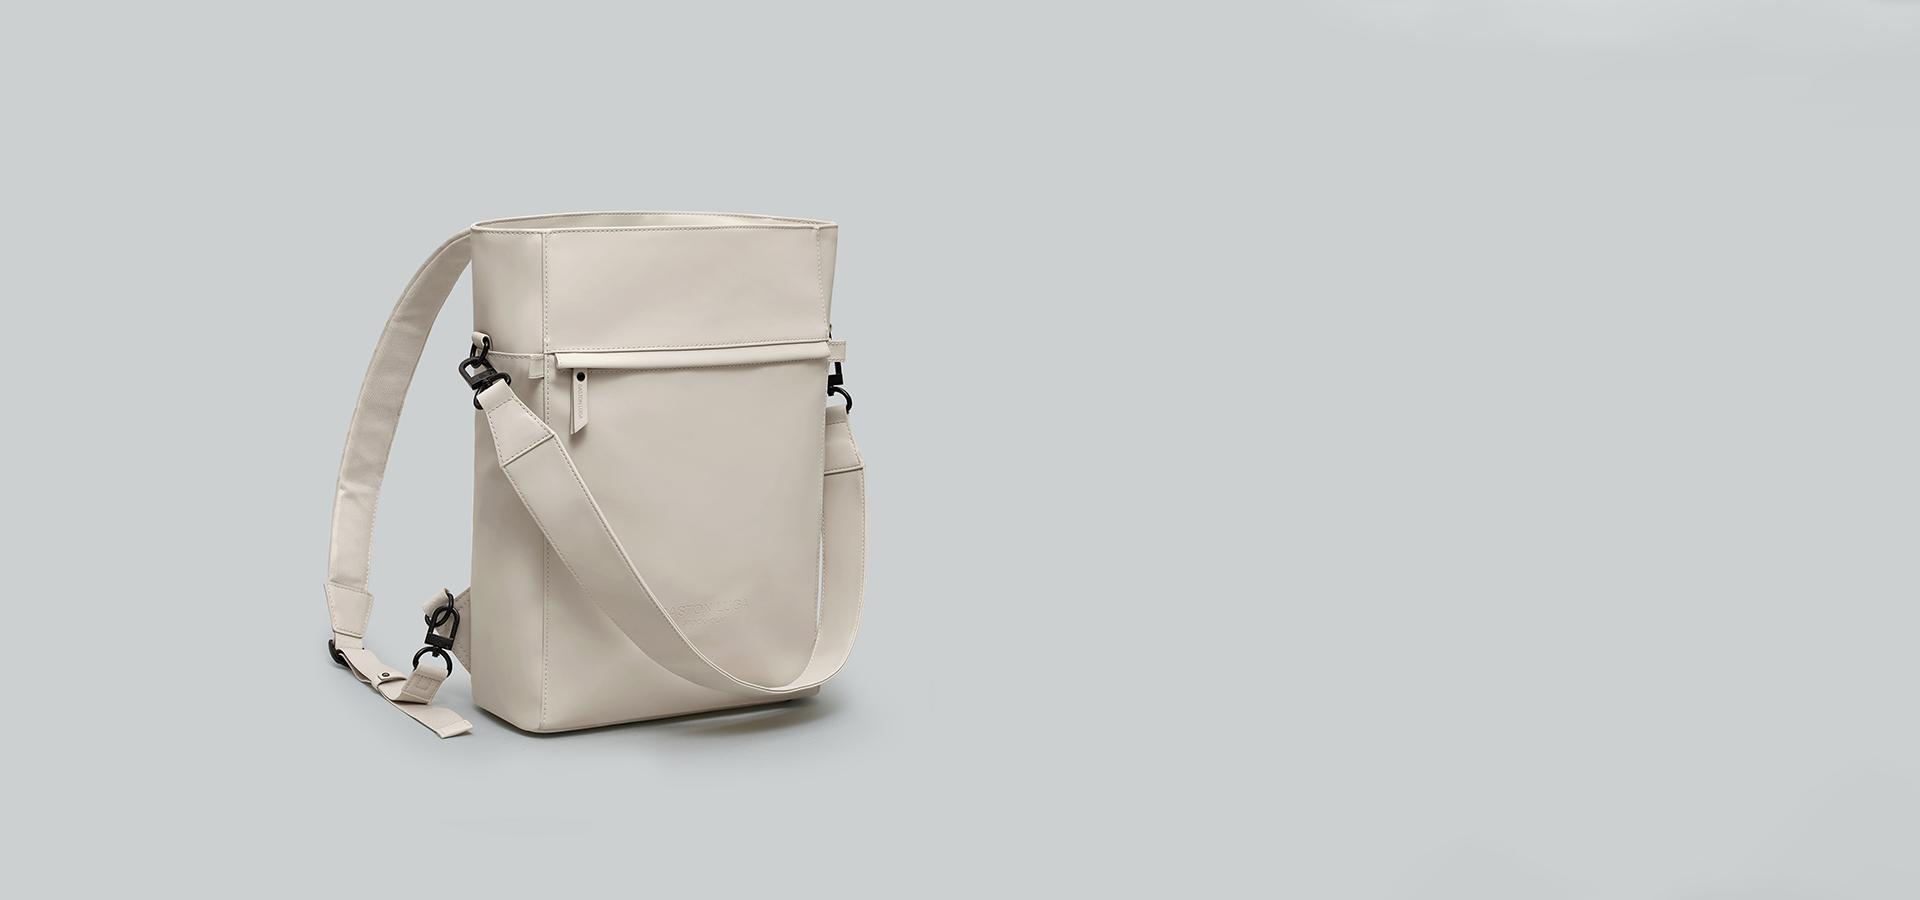 Waterproof Tåte 2-in-1 backpack & shoulder tote bag